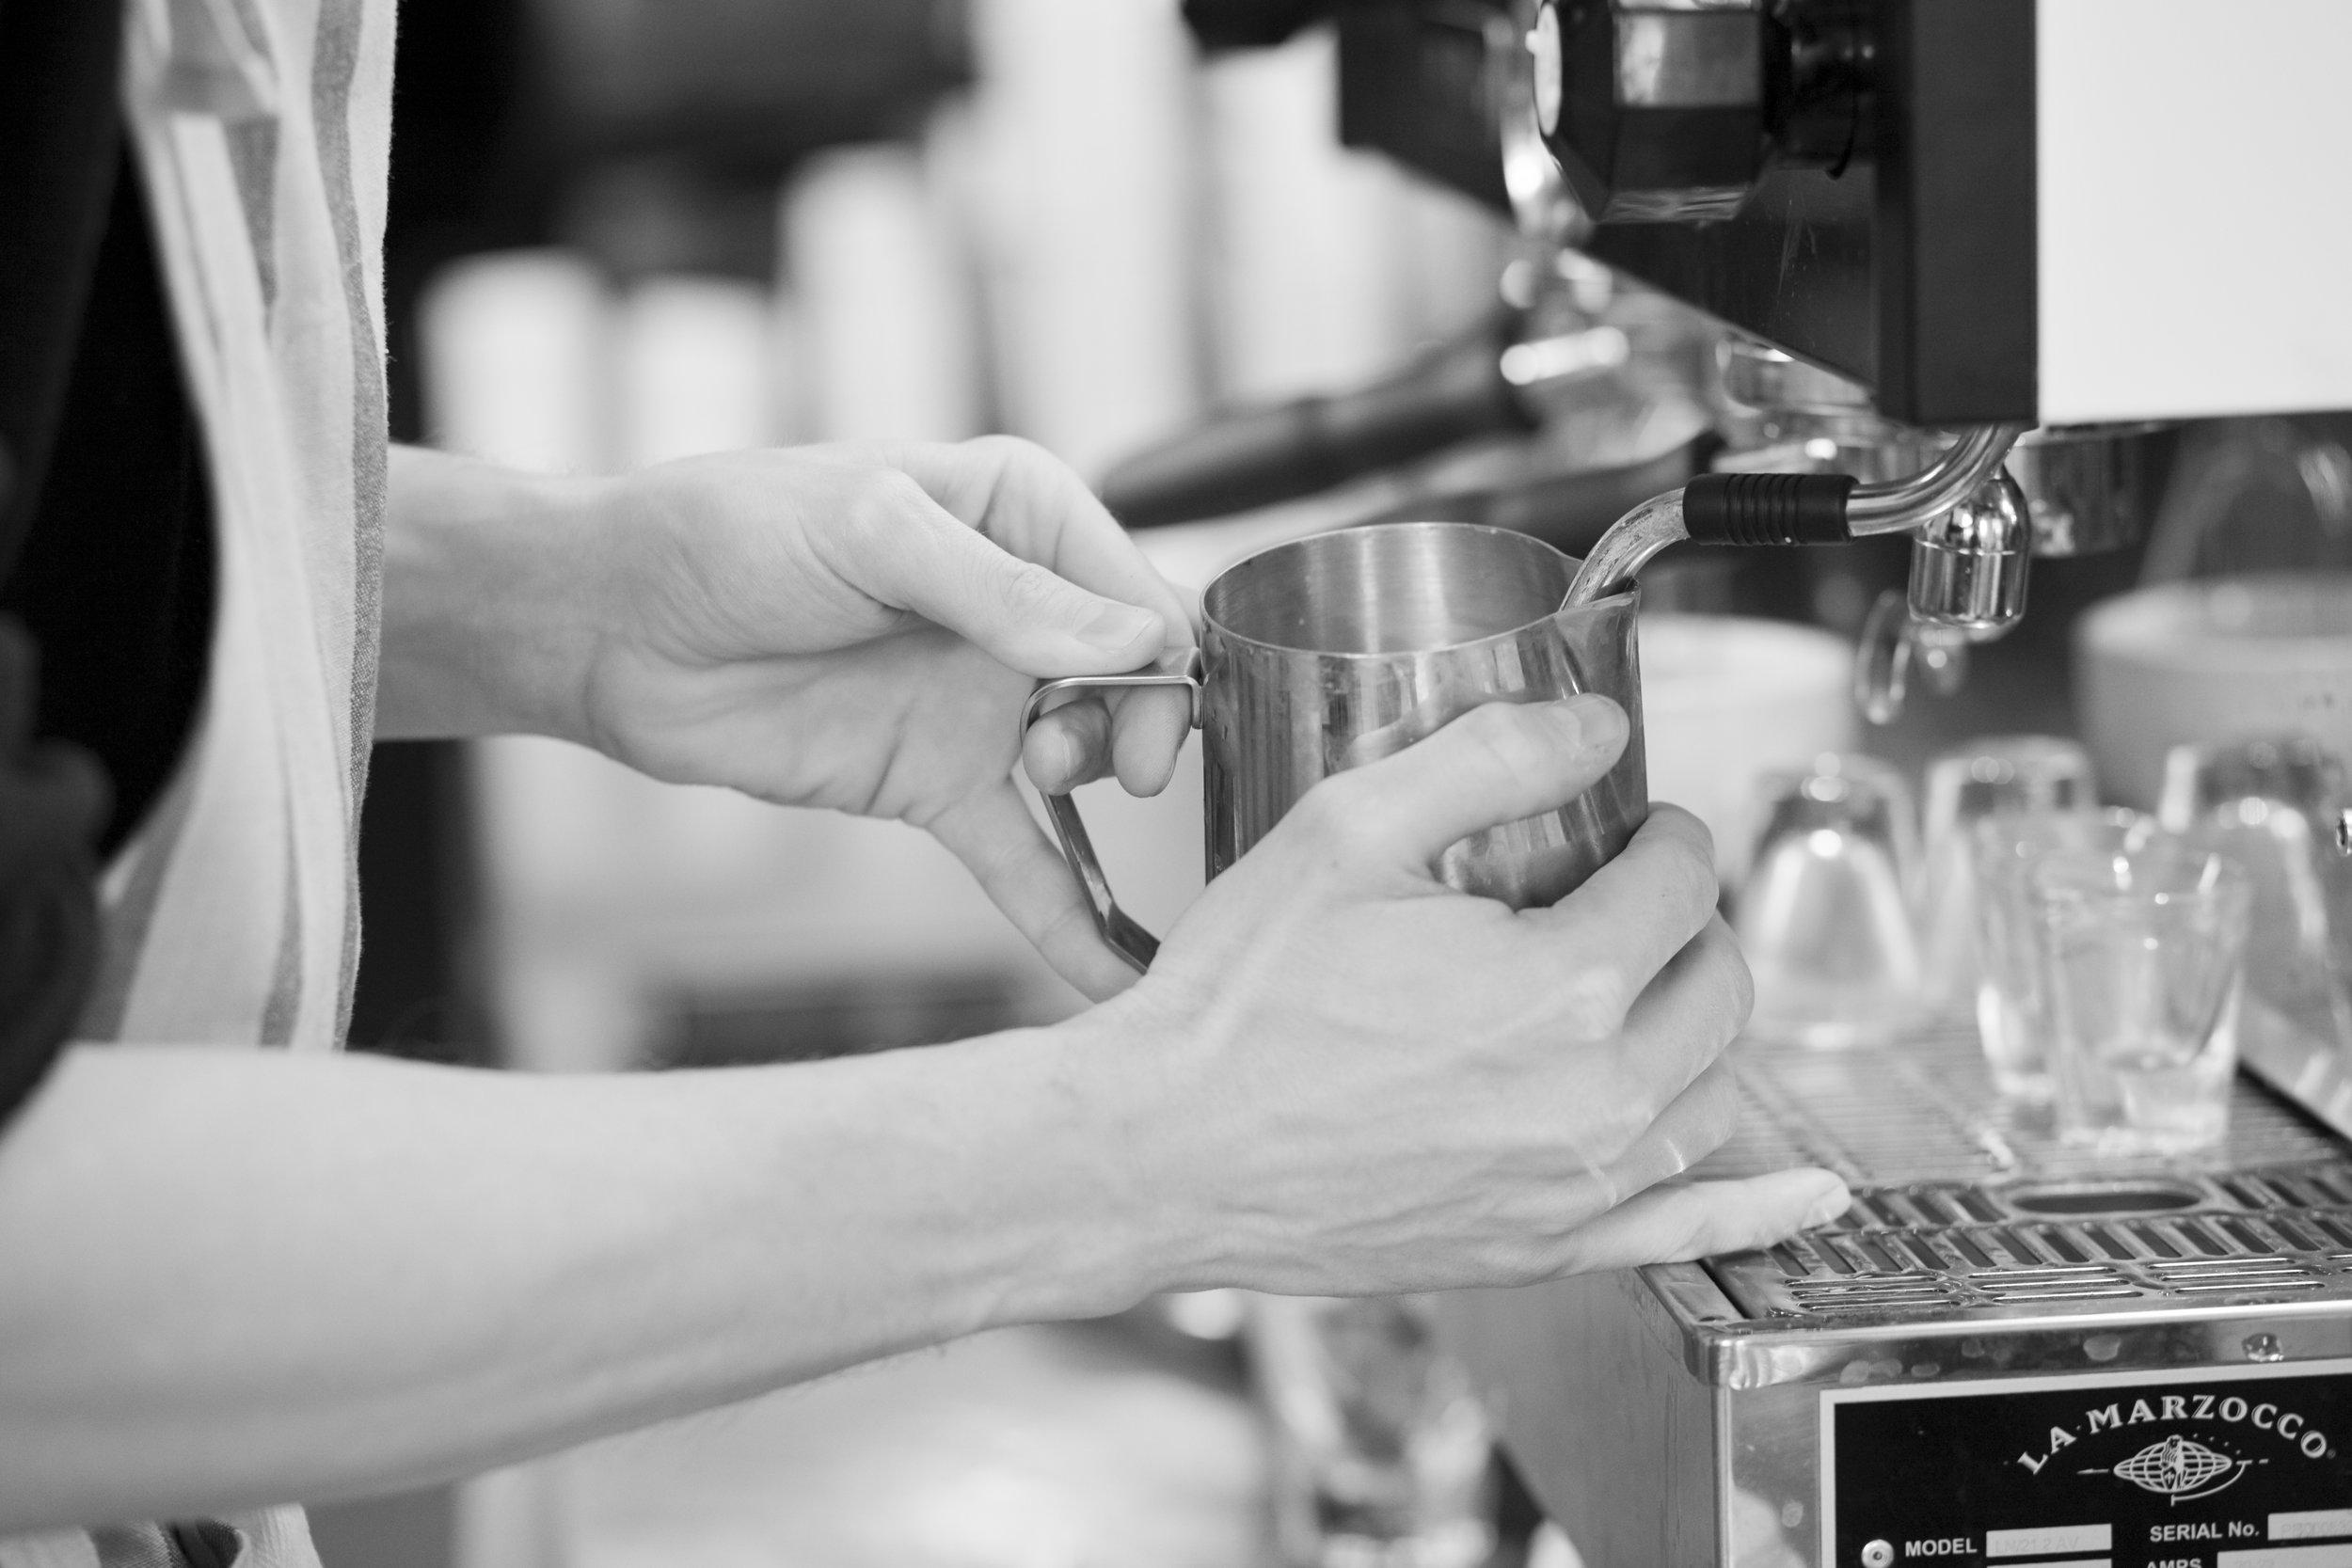 Barista steaming milk at an espresso machine